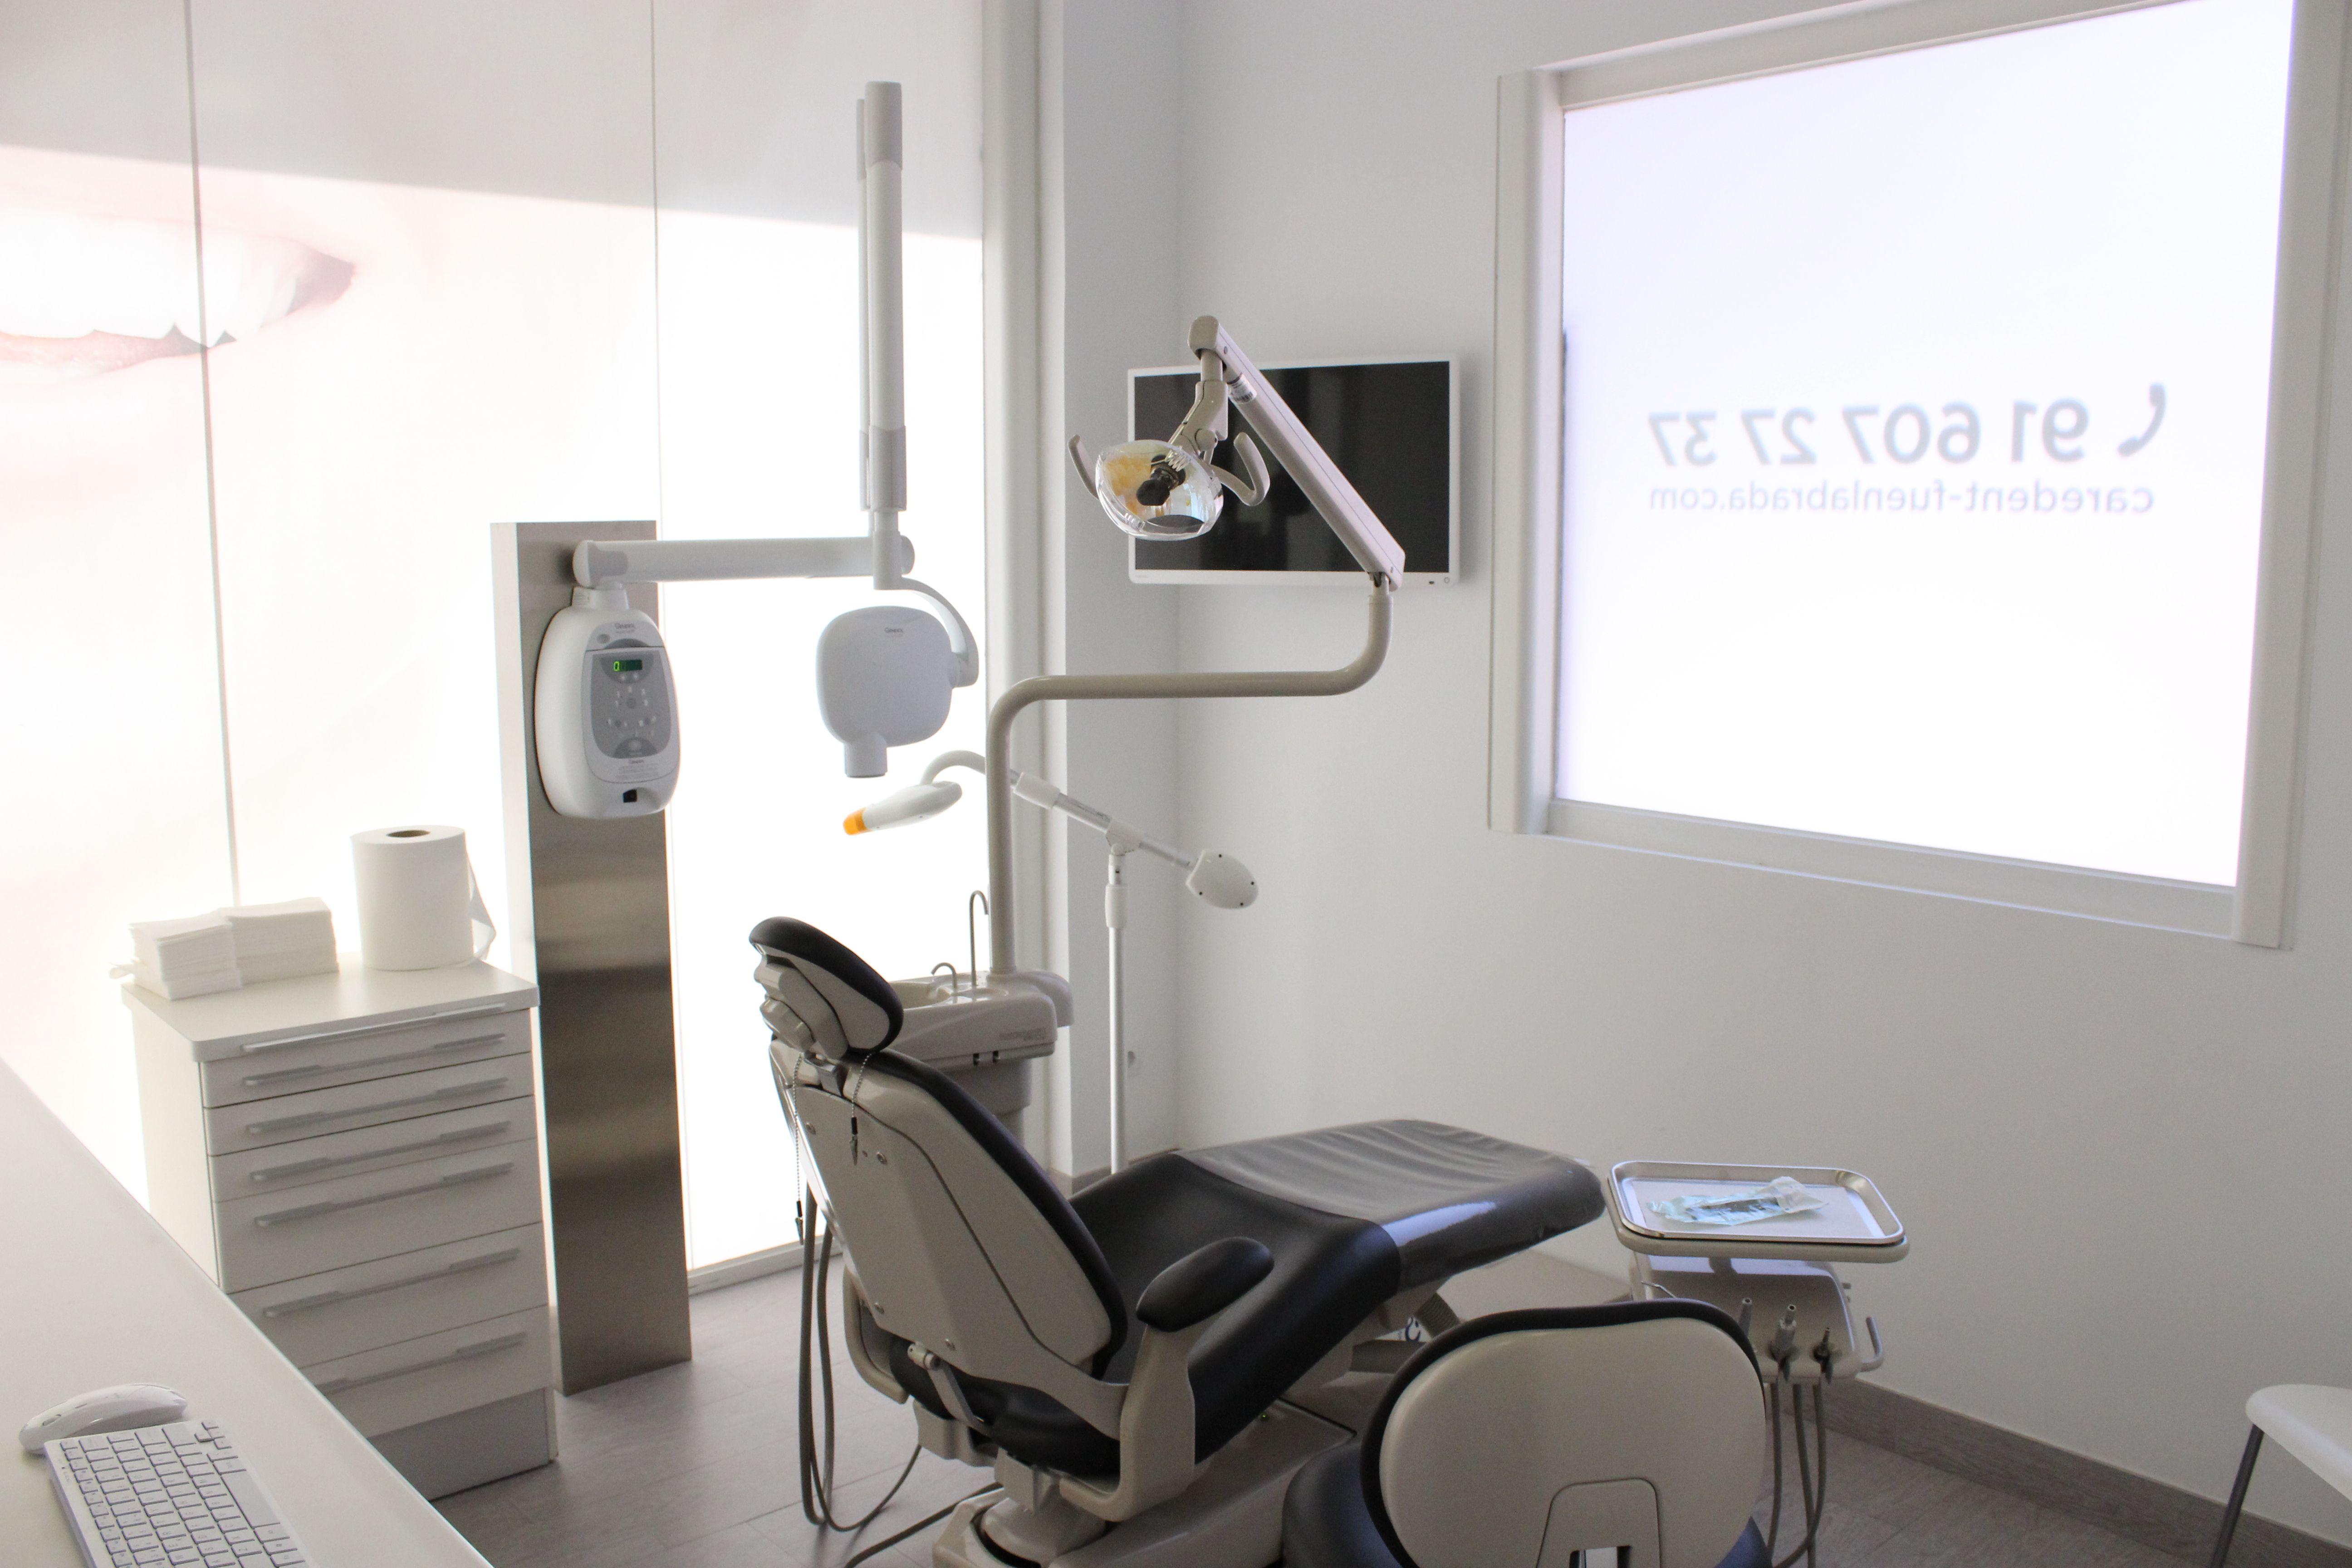 Foto 1 de Dentistas en Madrid | Clínica Dental Medicalia Fuenlabrada, tus dentistas de confianza